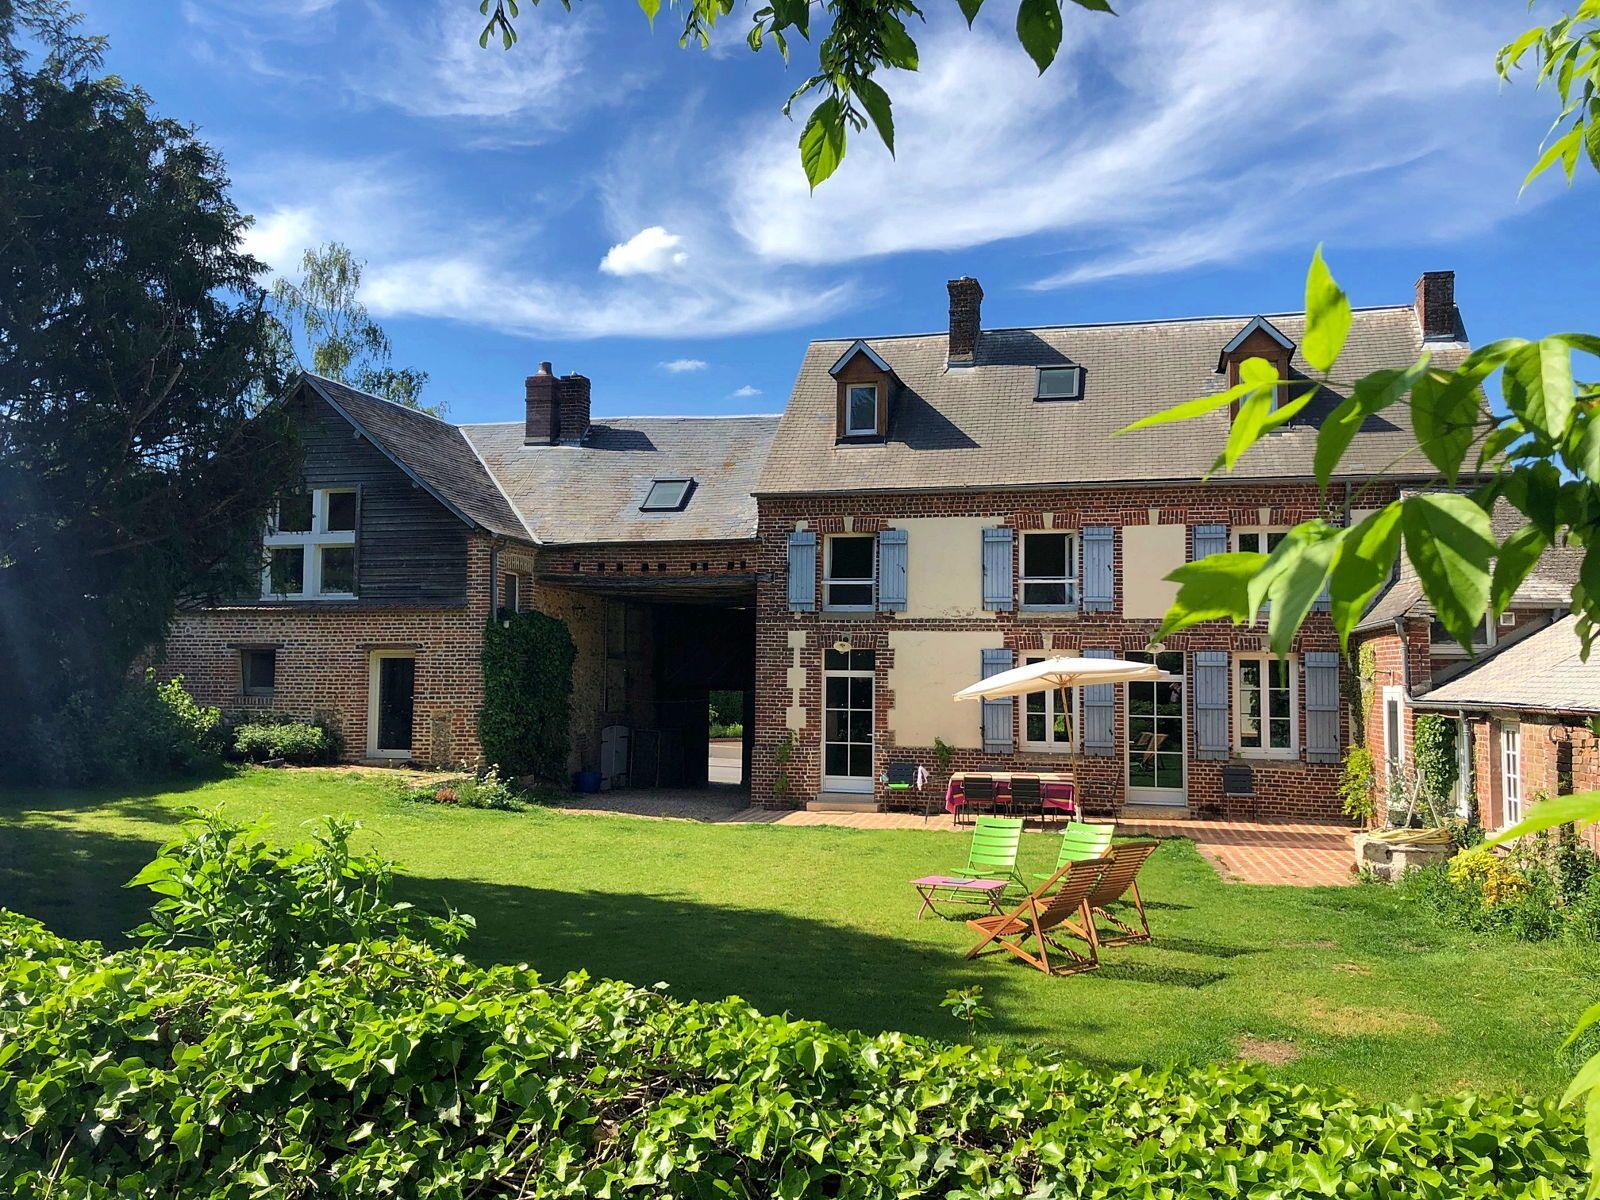 Loue maison de charme 10couchages ds l'Oise (Vexin) Piscine 1h 65km de Paris